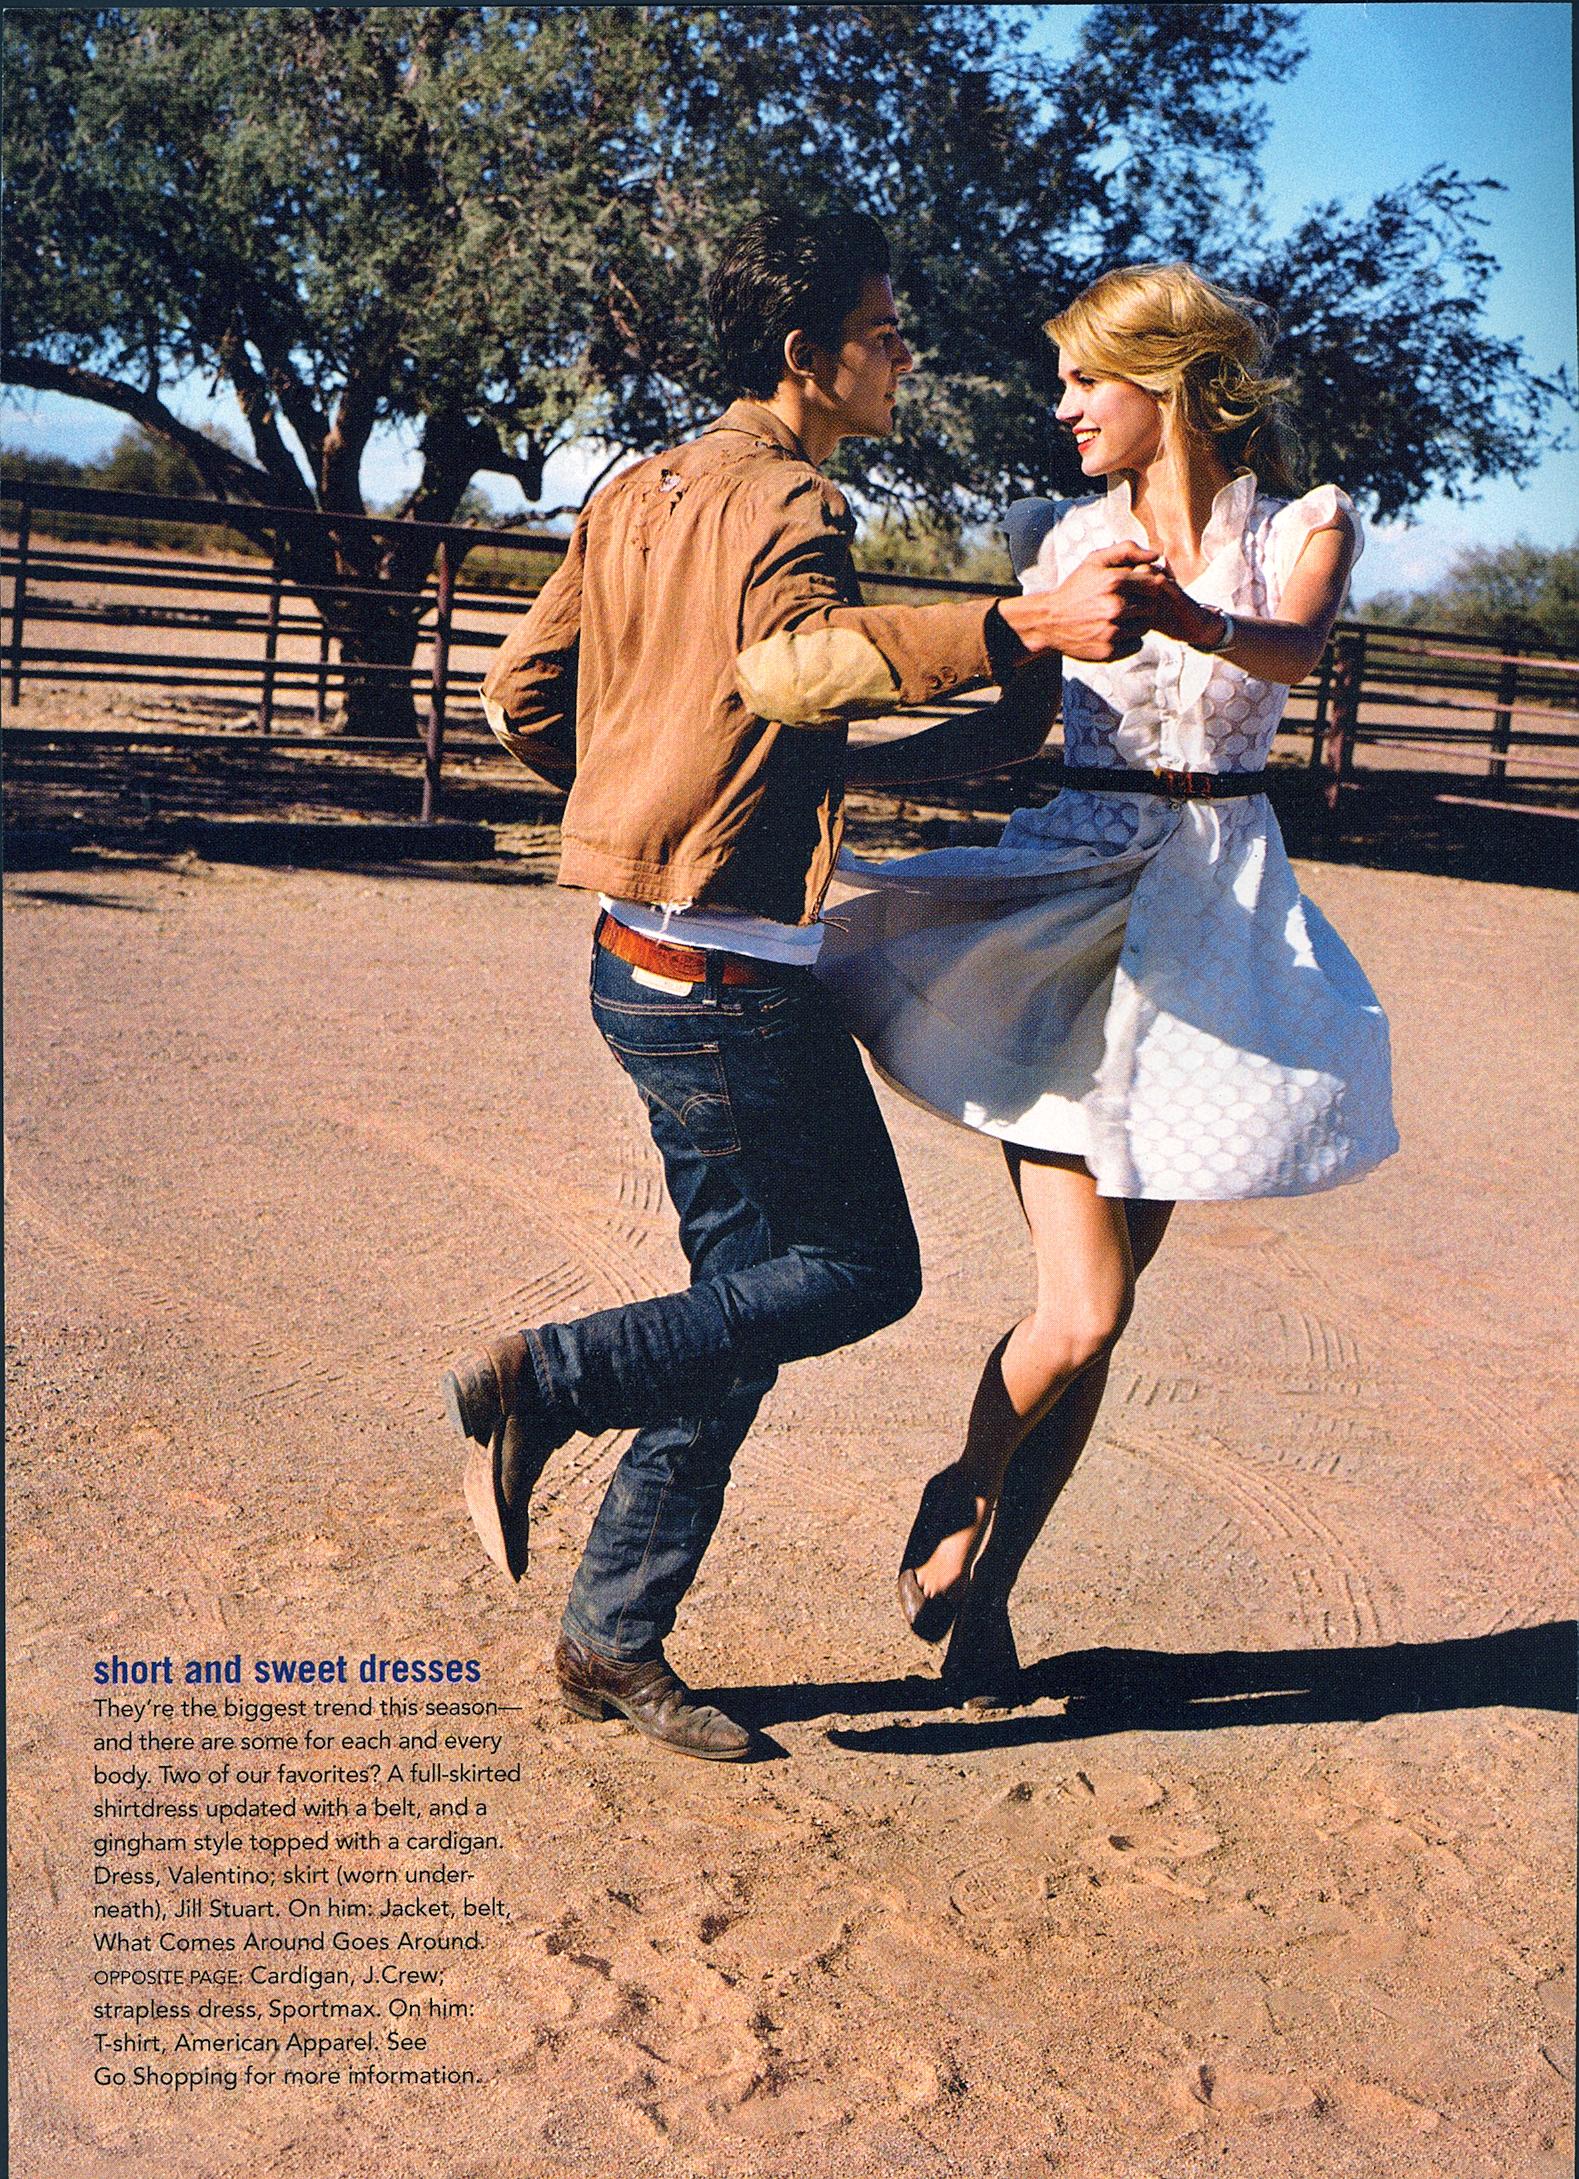 USGlamor-PamHanson10 copy.jpg